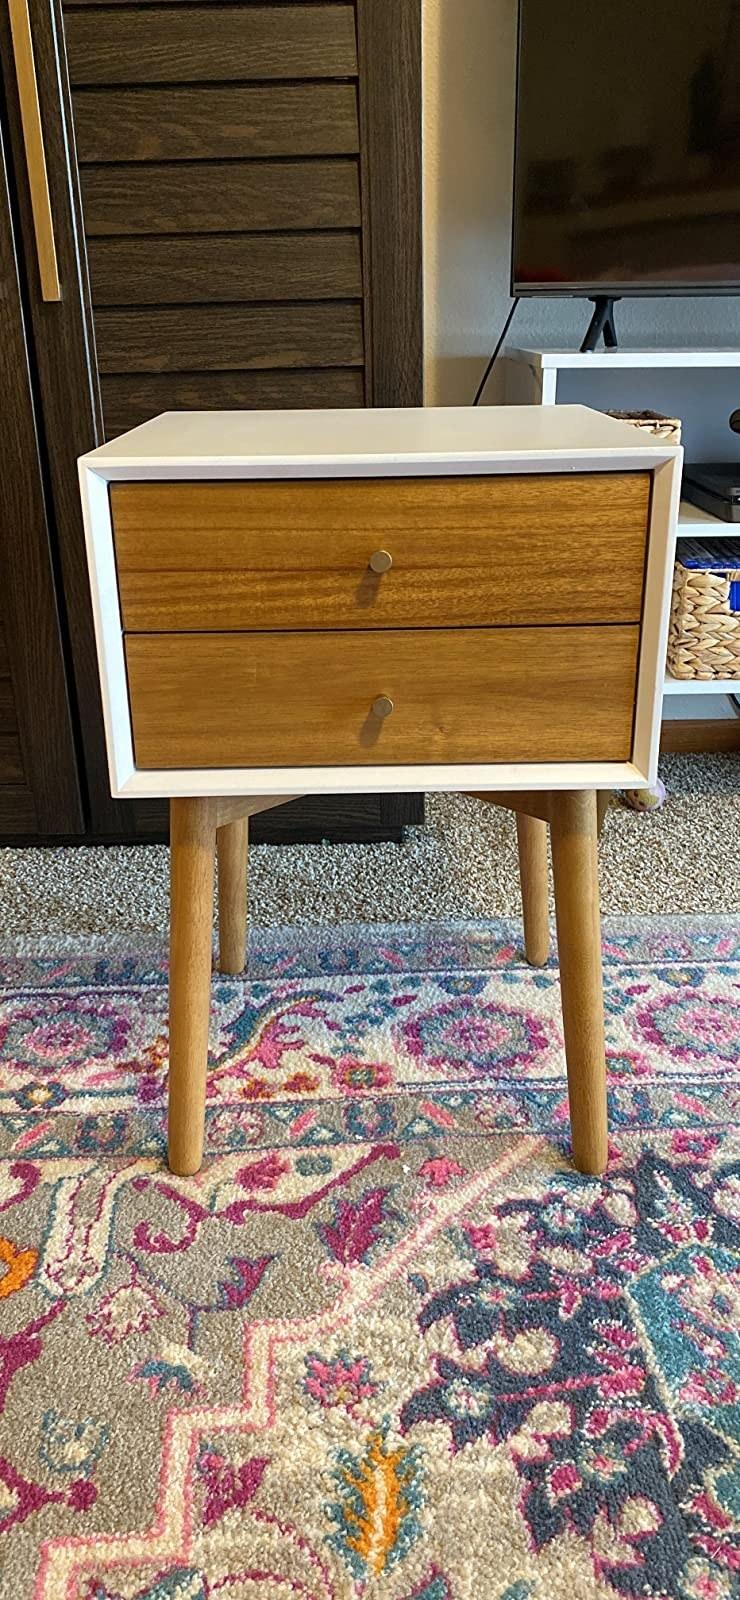 方形床头柜与四条圆形腿和三个抽屉,带圆形手柄